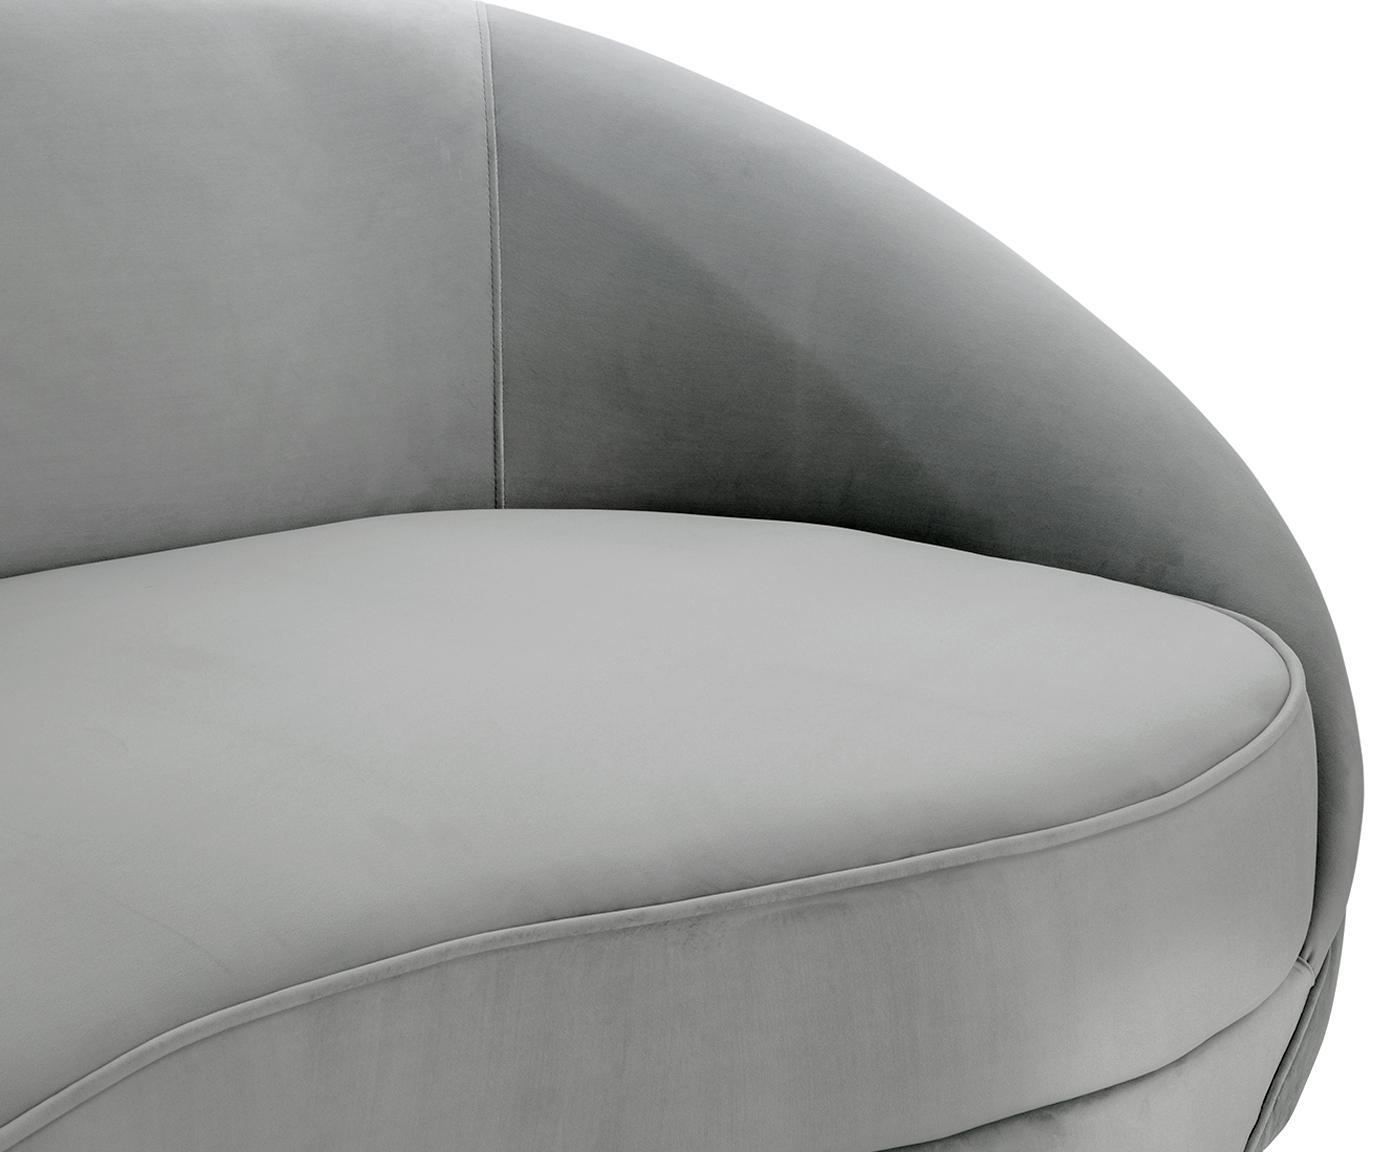 Sofa z aksamitu w kształcie nerki Gatsby (3-osobowa), Tapicerka: aksamit (poliester) 2500, Stelaż: lite drewno eukaliptusowe, Tapicerka: pianka na zawieszeniu spr, Nogi: metal galwanizowany, Tapicerka: szary Nogi: odcienie złotego, błyszczący, S 245 x G 102 cm